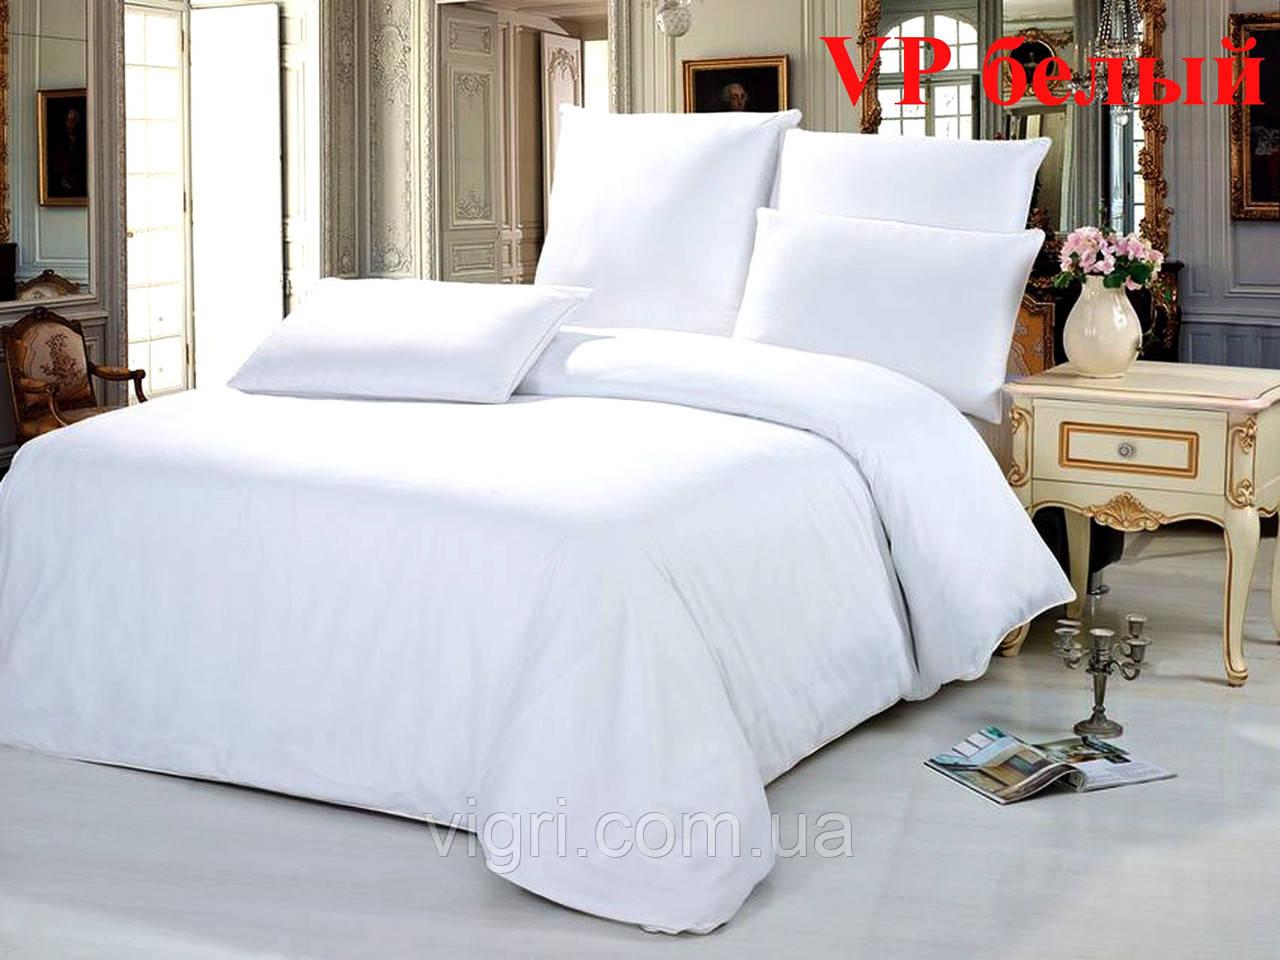 Постельное белье, двухспальное, ранфорс Вилюта «VILUTA» VР белый